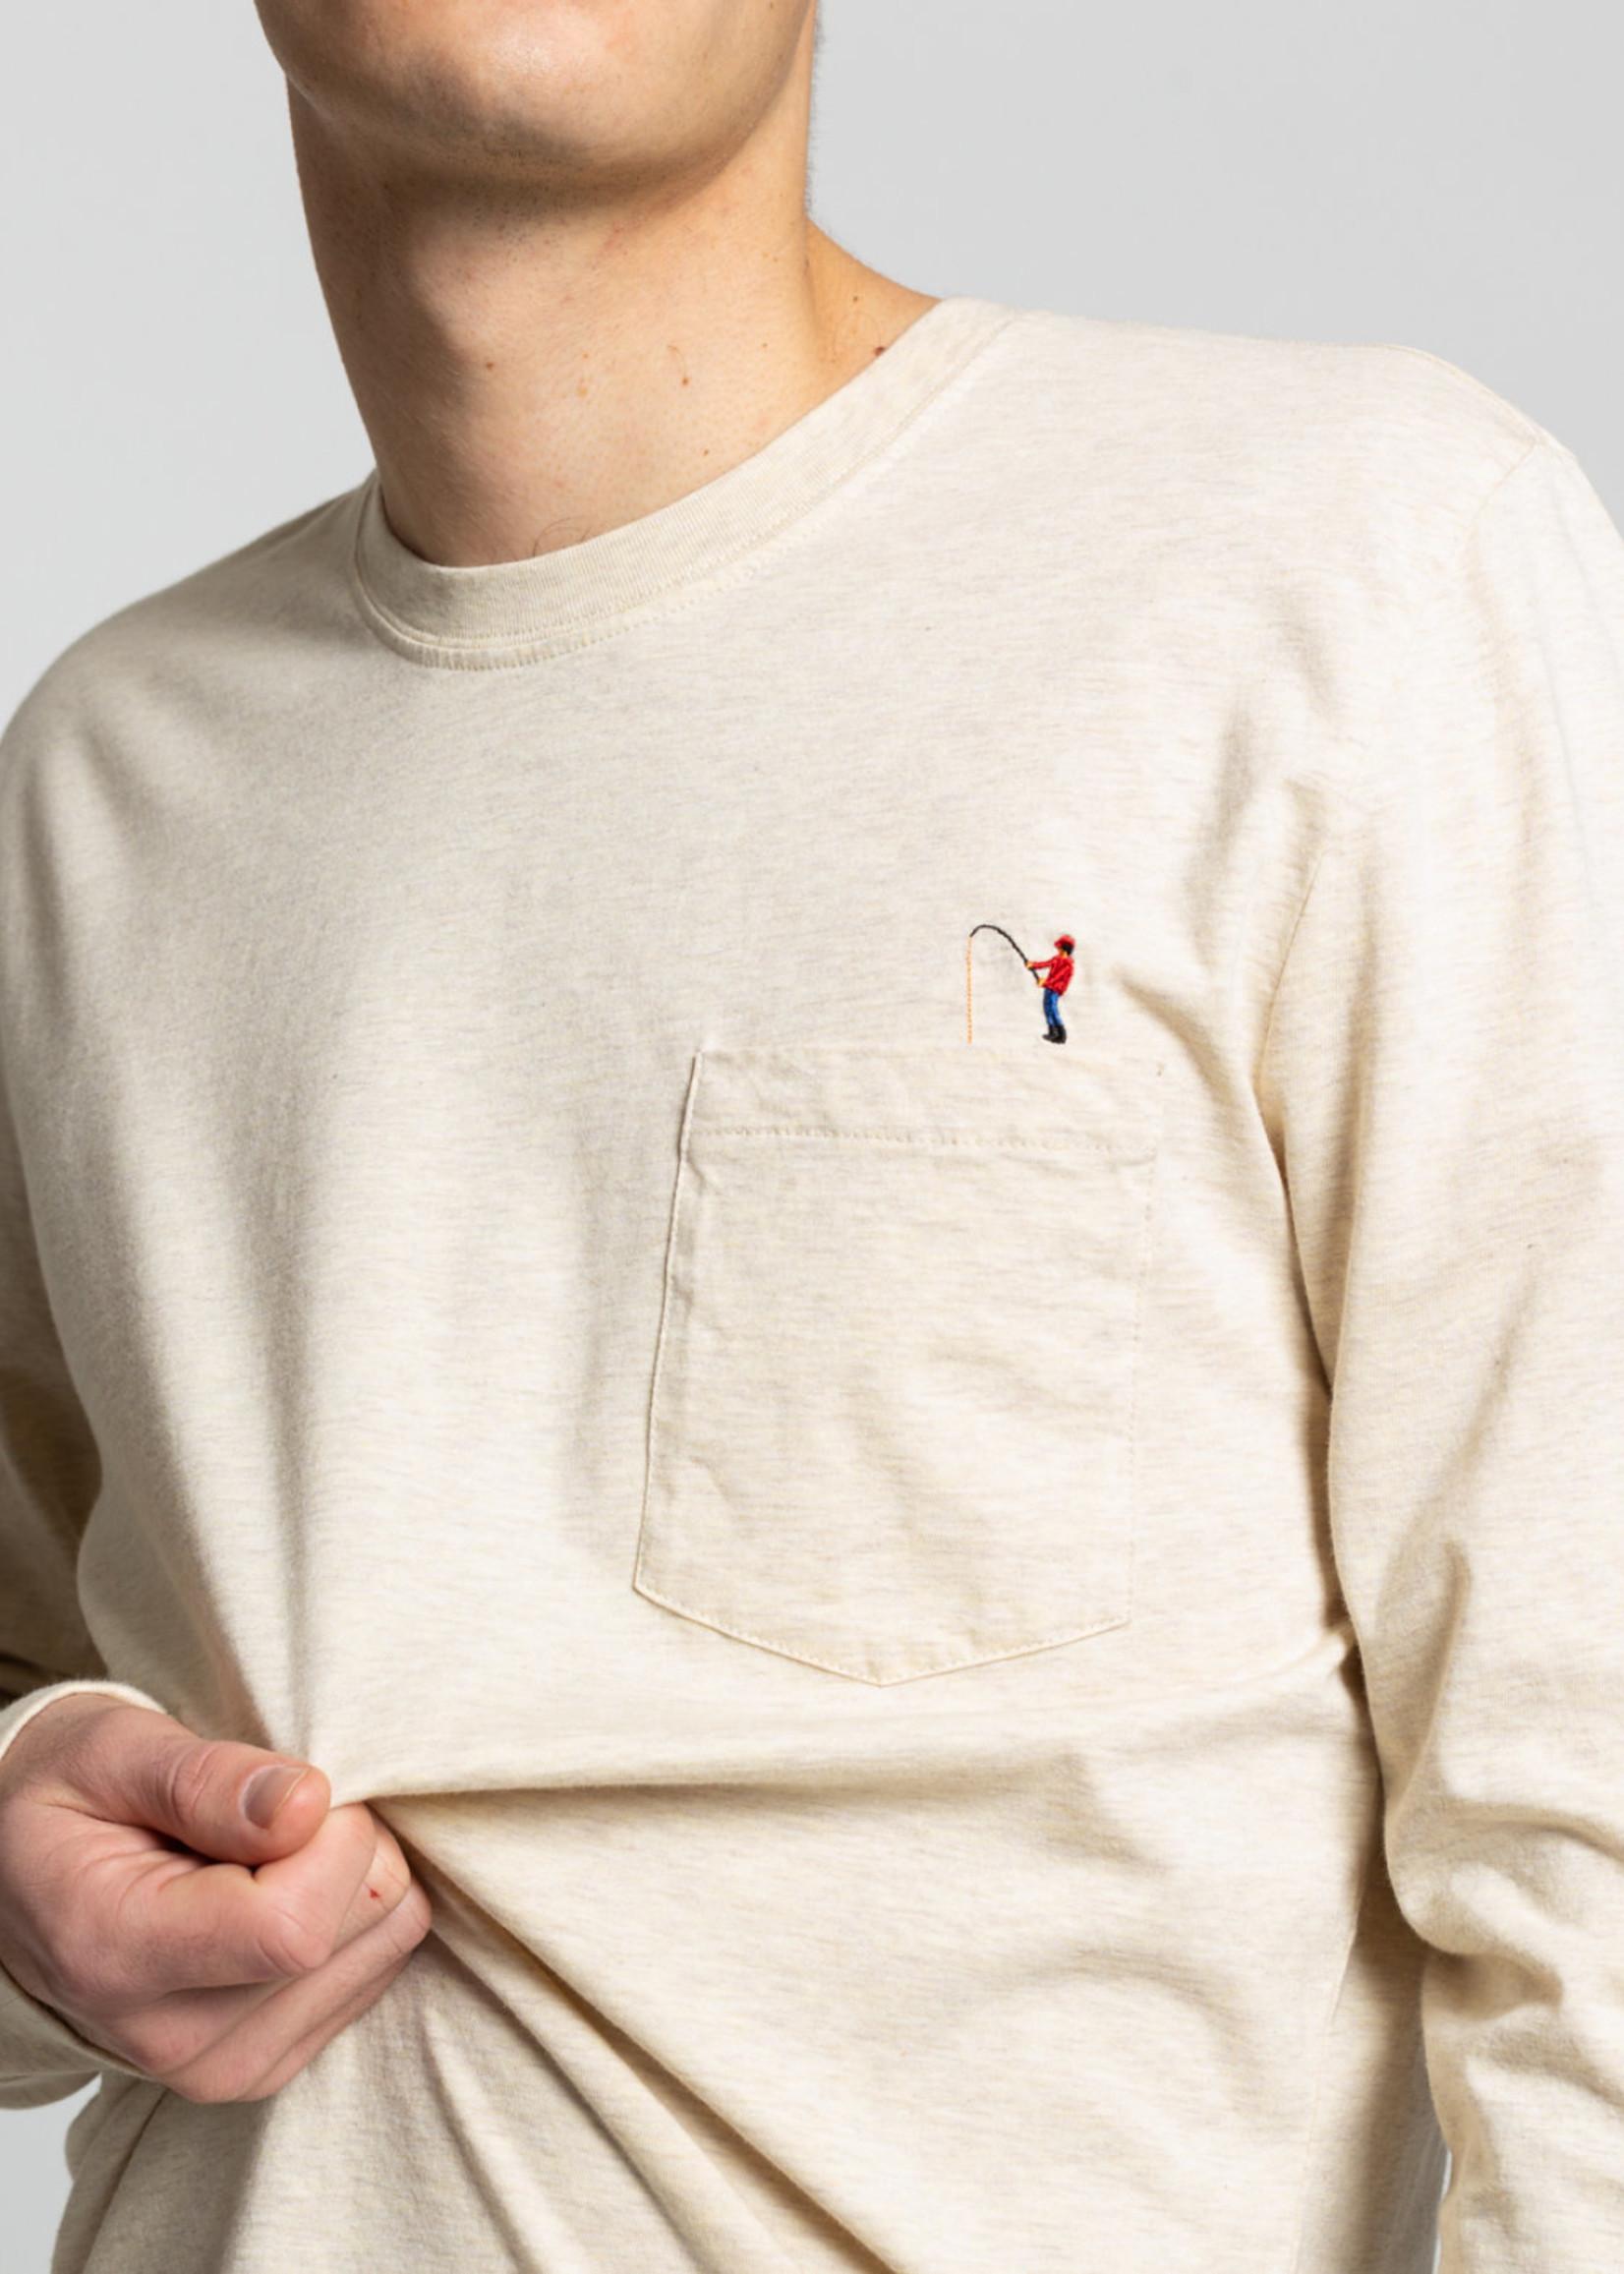 Revolution 1240 FIS Long-sleeved Pocket T-Shirt